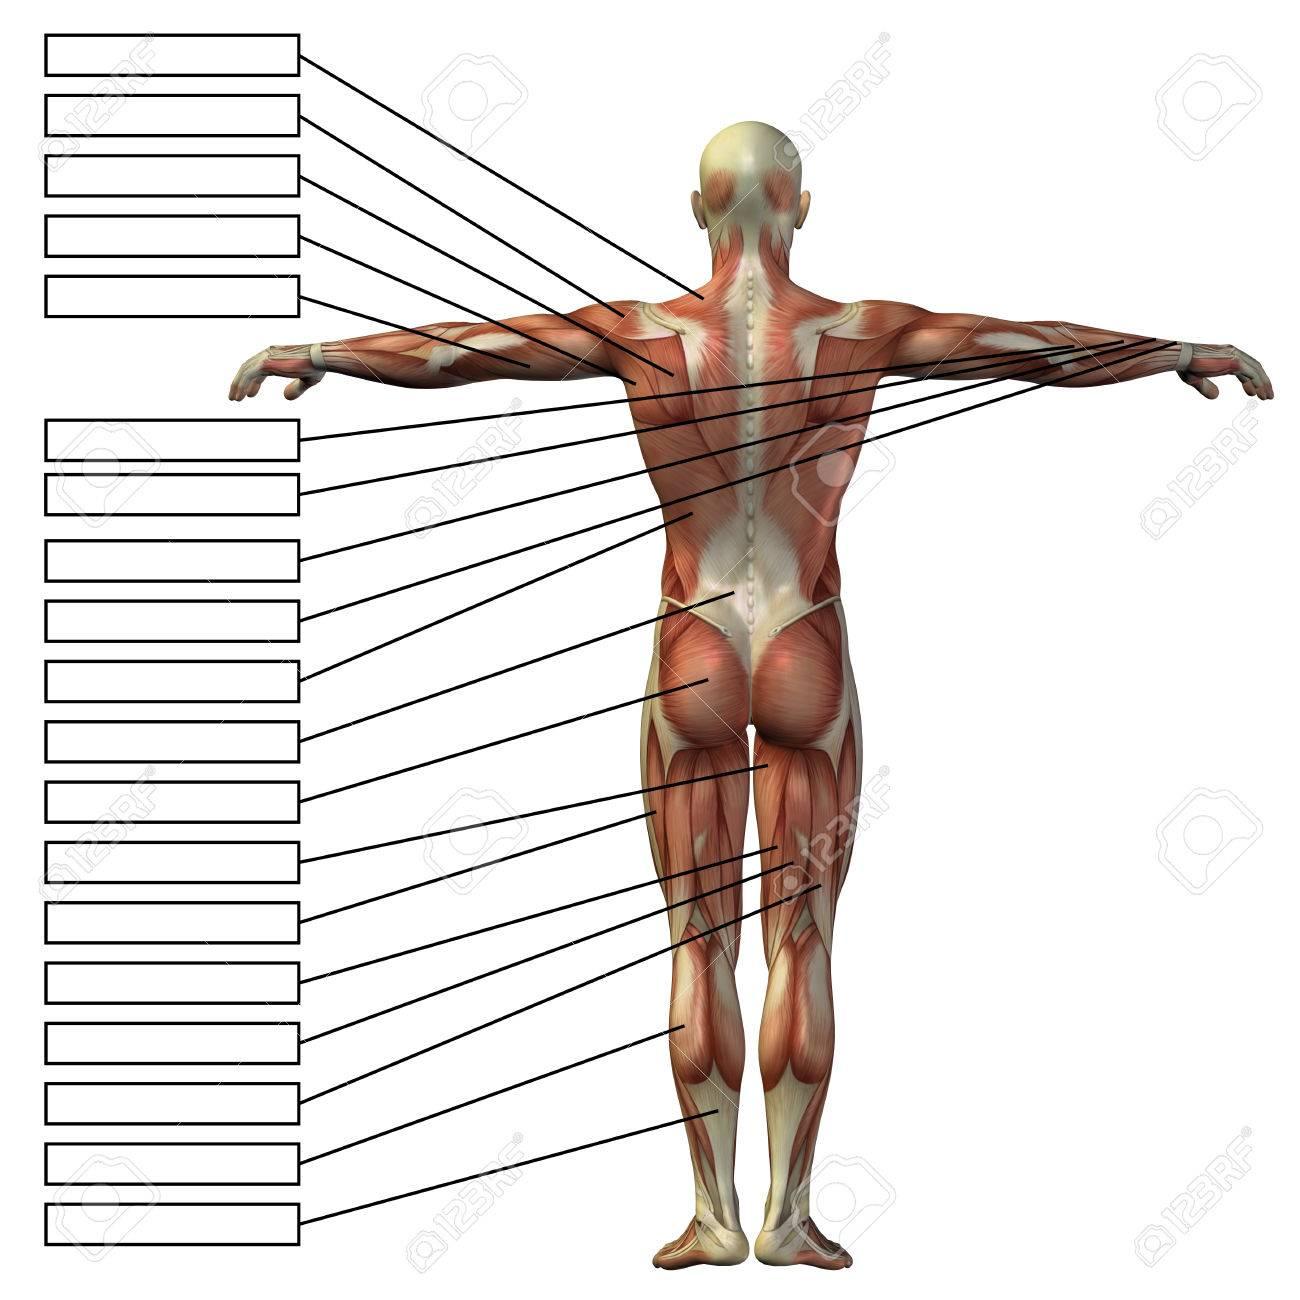 3D Menschliche Männliche Anatomie Mit Muskeln Und Textfeld Isoliert ...